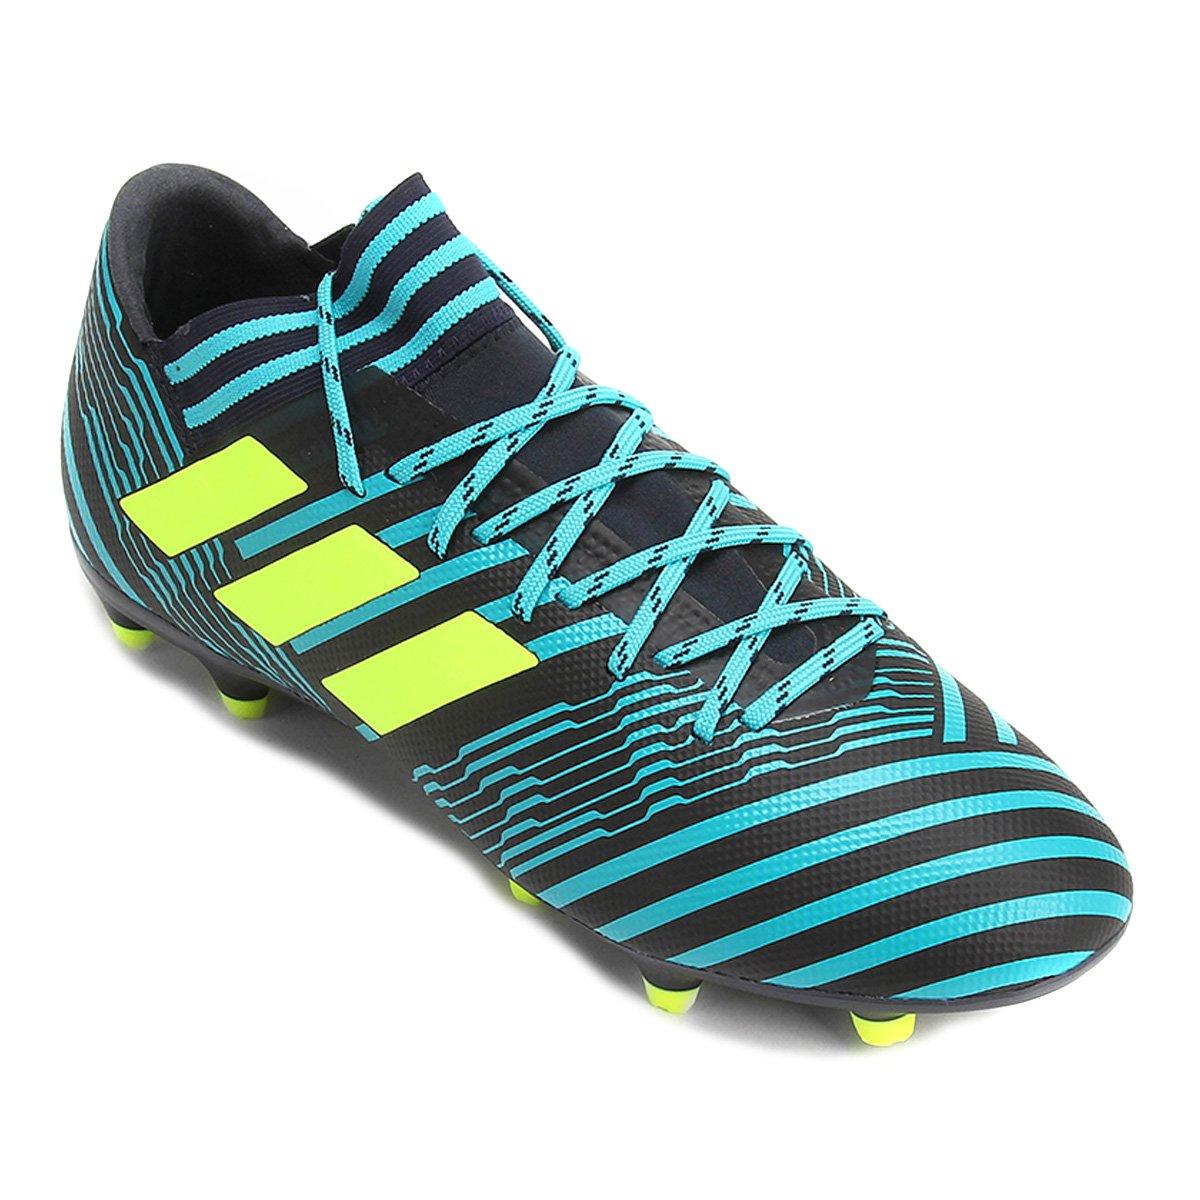 7b2adad8458f9 Chuteira Campo Adidas Nemeziz 17.3 FG - Compre Agora